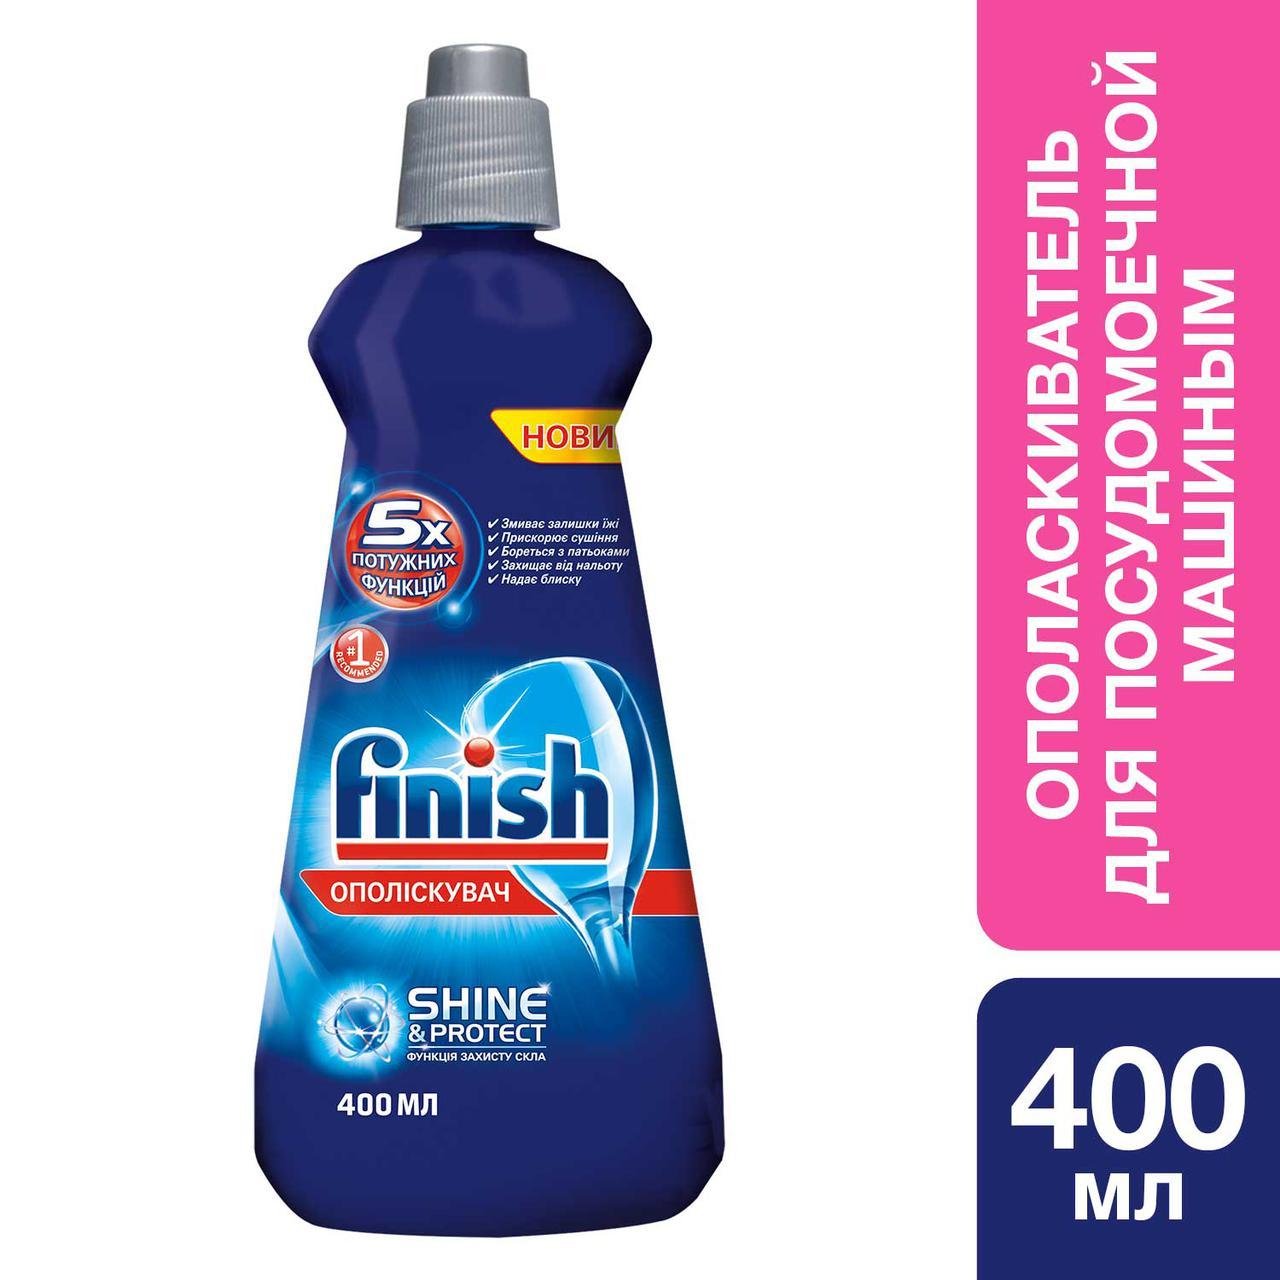 FINISH RINSE Aid 400 ML  Ополаскиватель для посуды в посудомоечных машинах 400 мл